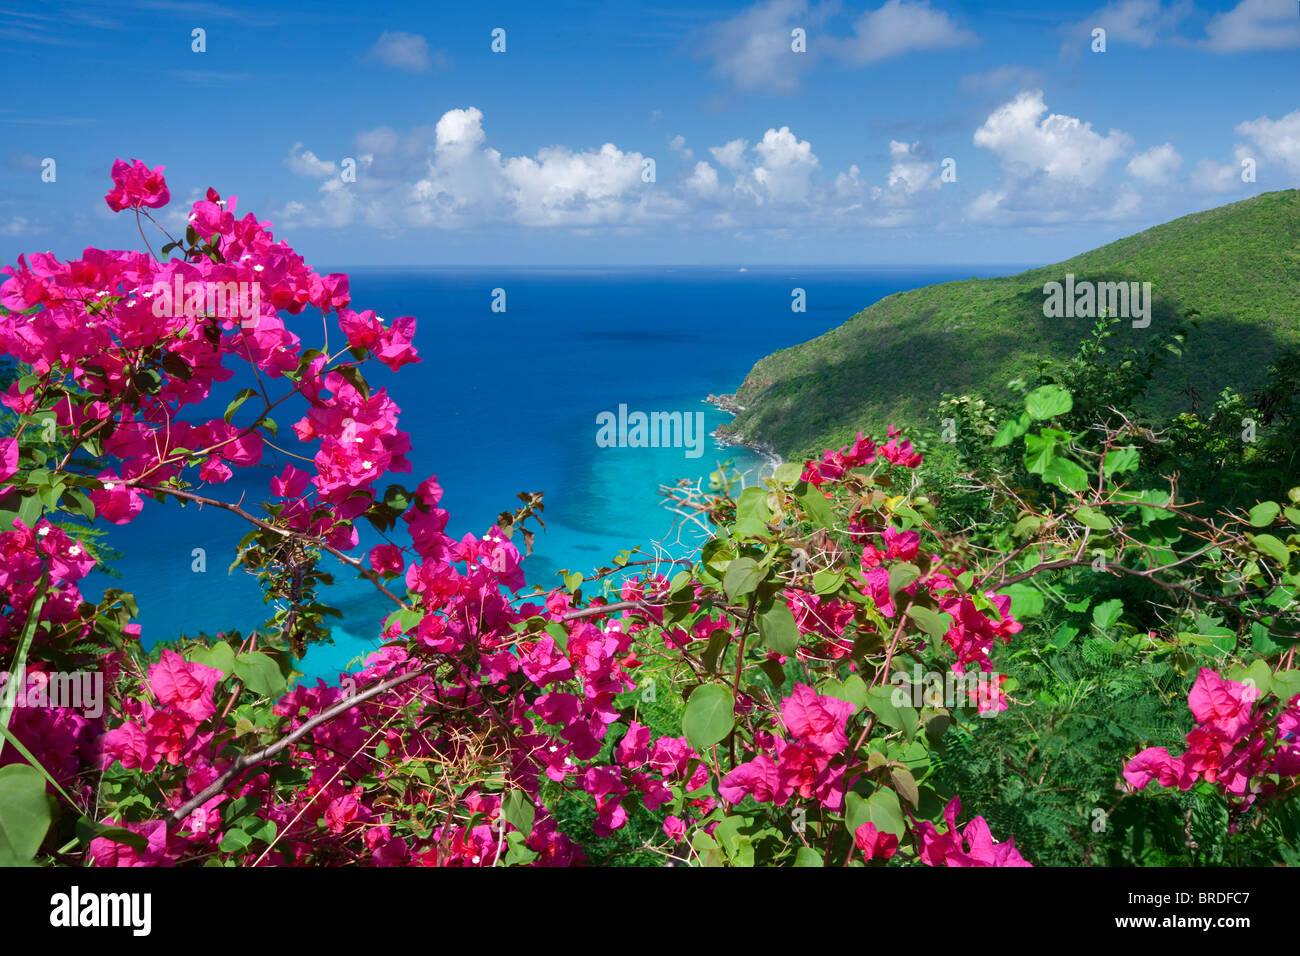 Grillgelegenheiten Blumen und die Küste auf St. Thomas. Jungferninseln (US) Stockbild